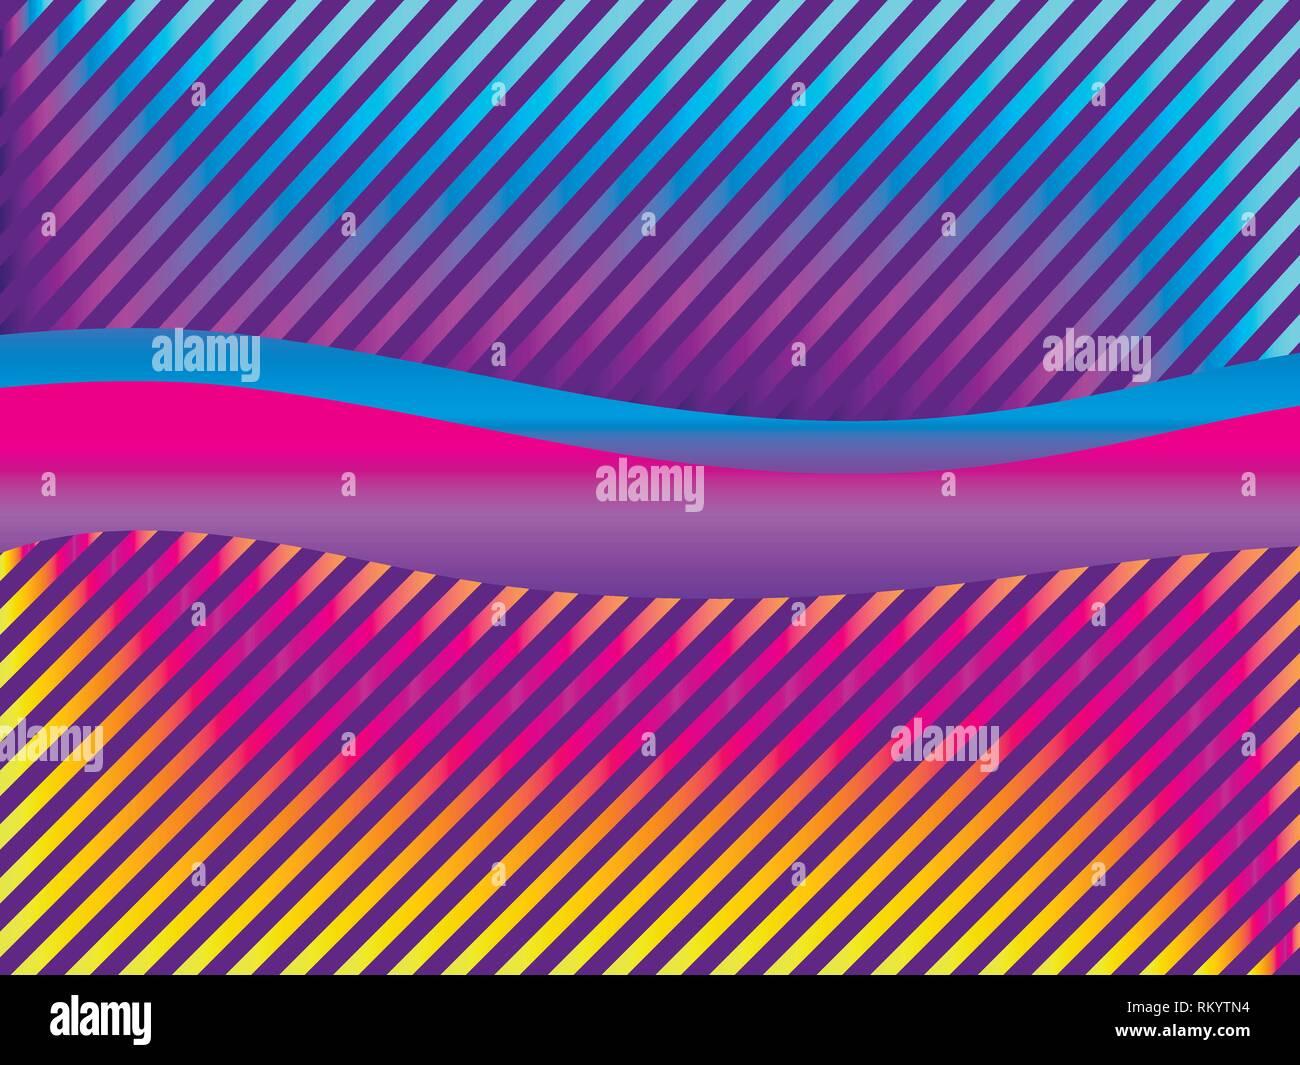 Liquid wave violet color  Modern trend background  Synthwave